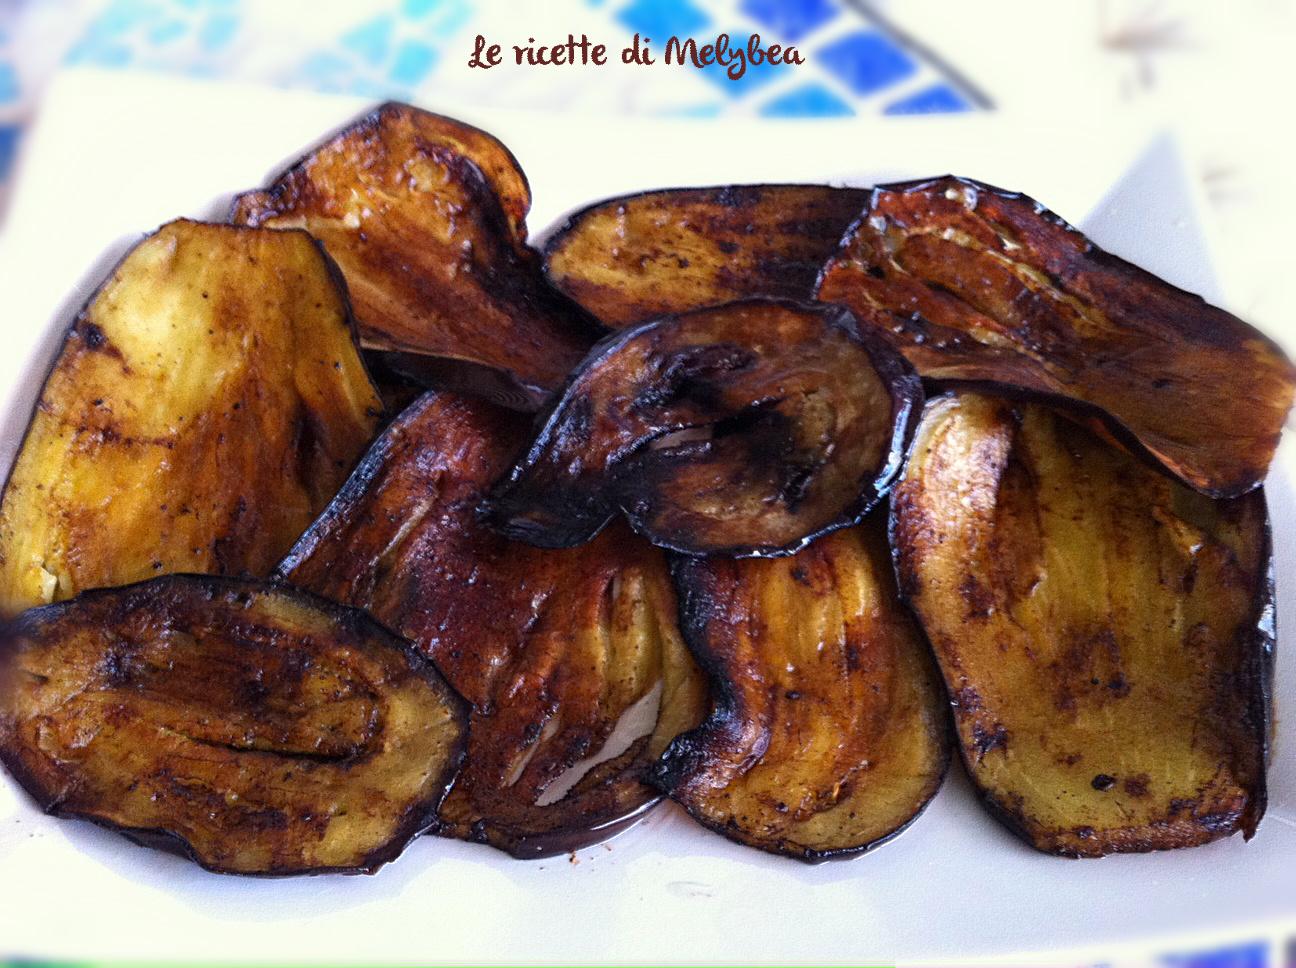 Melanzane fritte con olio e aceto balsamico